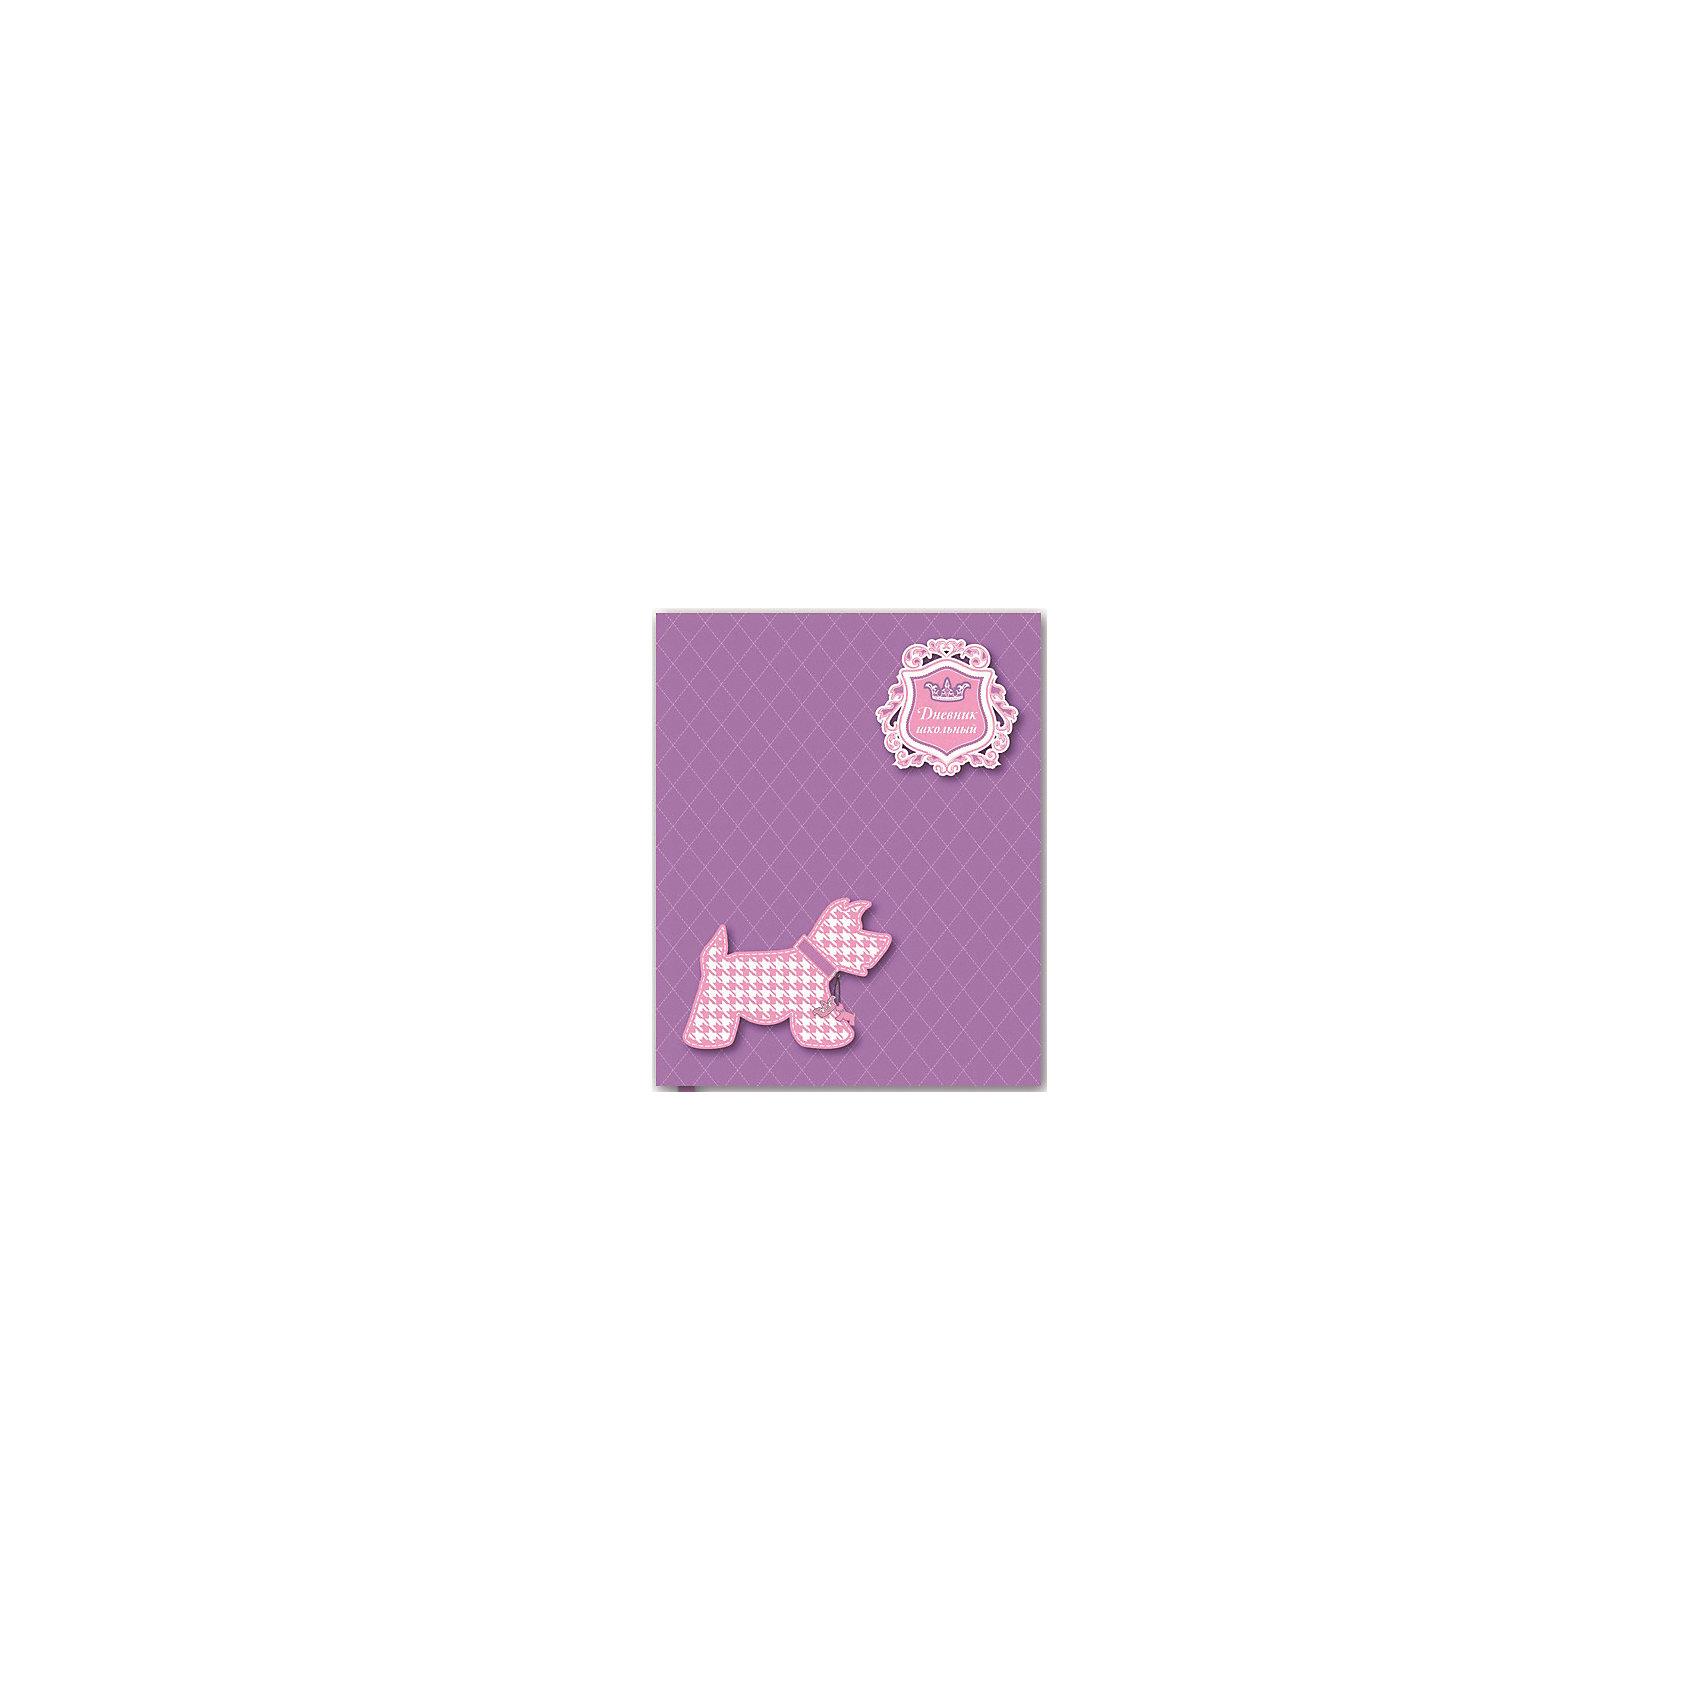 Феникс+ Дневник Стильный щенок д васабова дневник алматинки